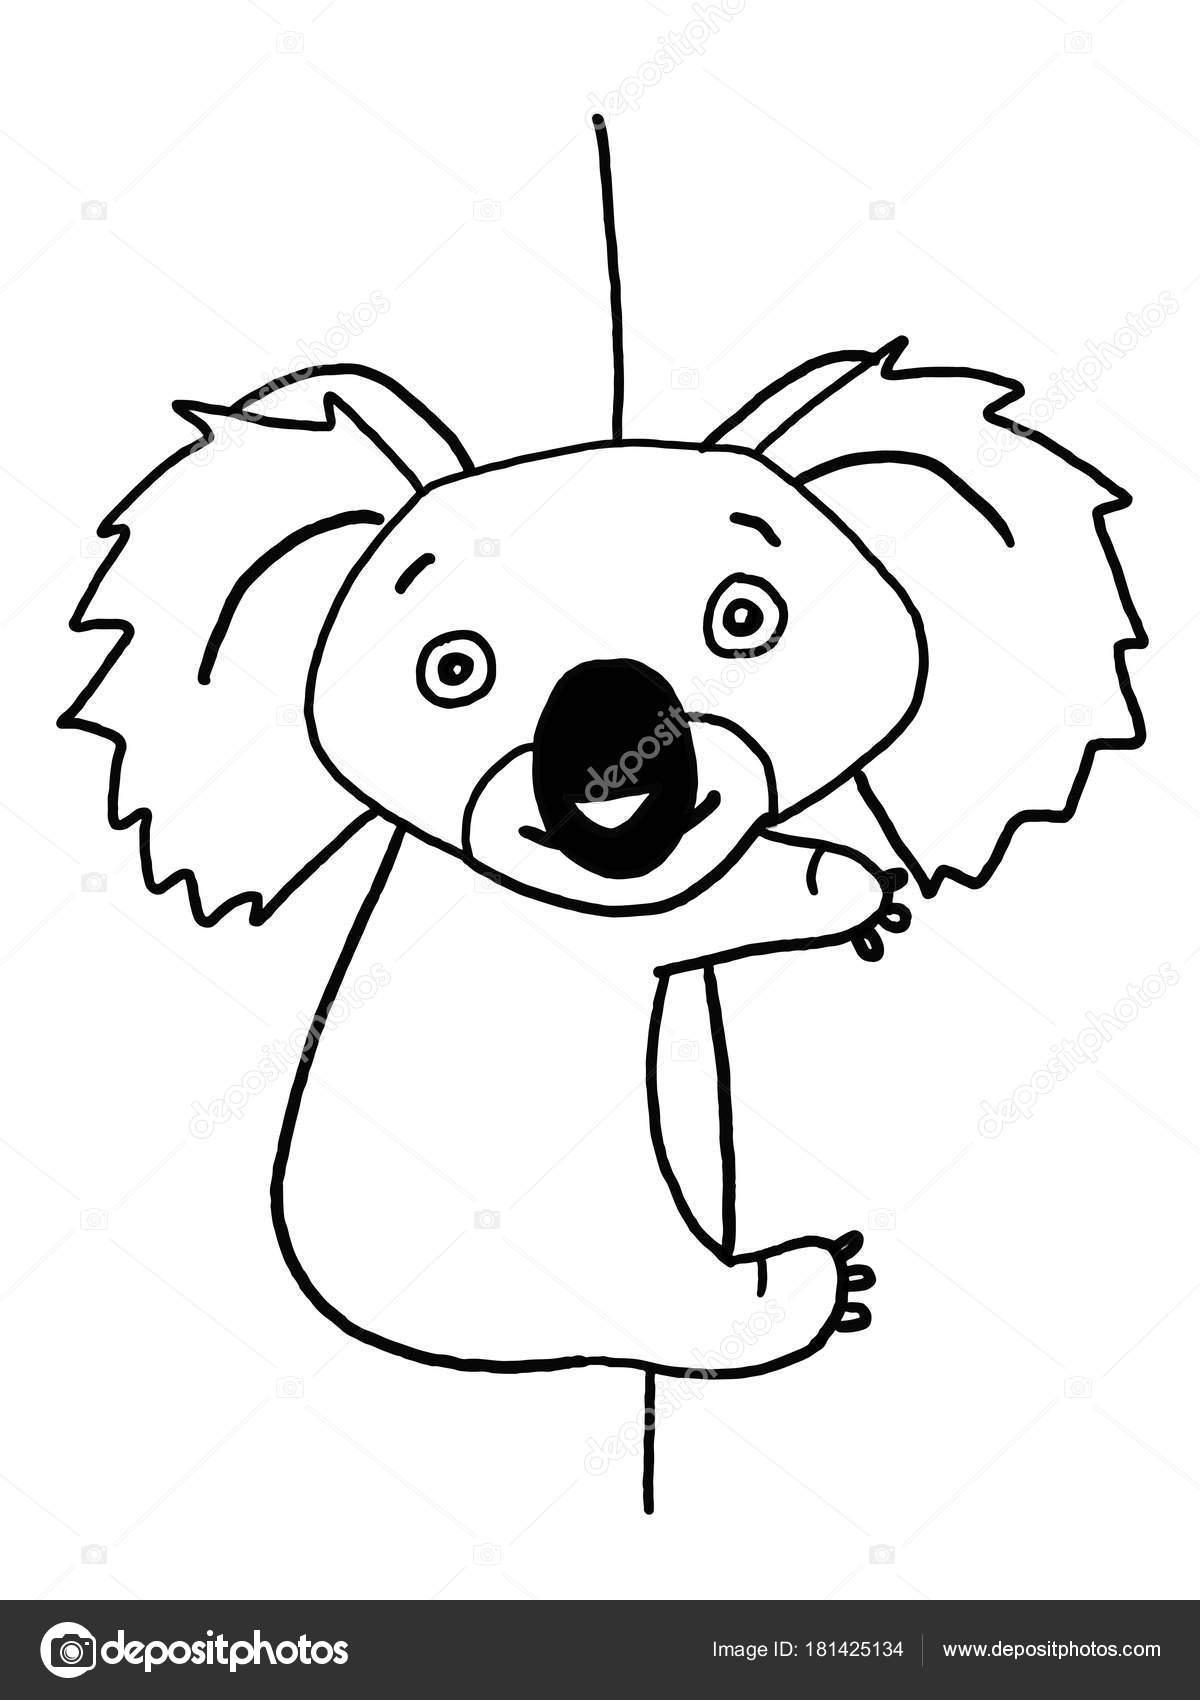 Lindo Koala Trepar Ilustración Dibujo Para Colorear Blanco Negro ...